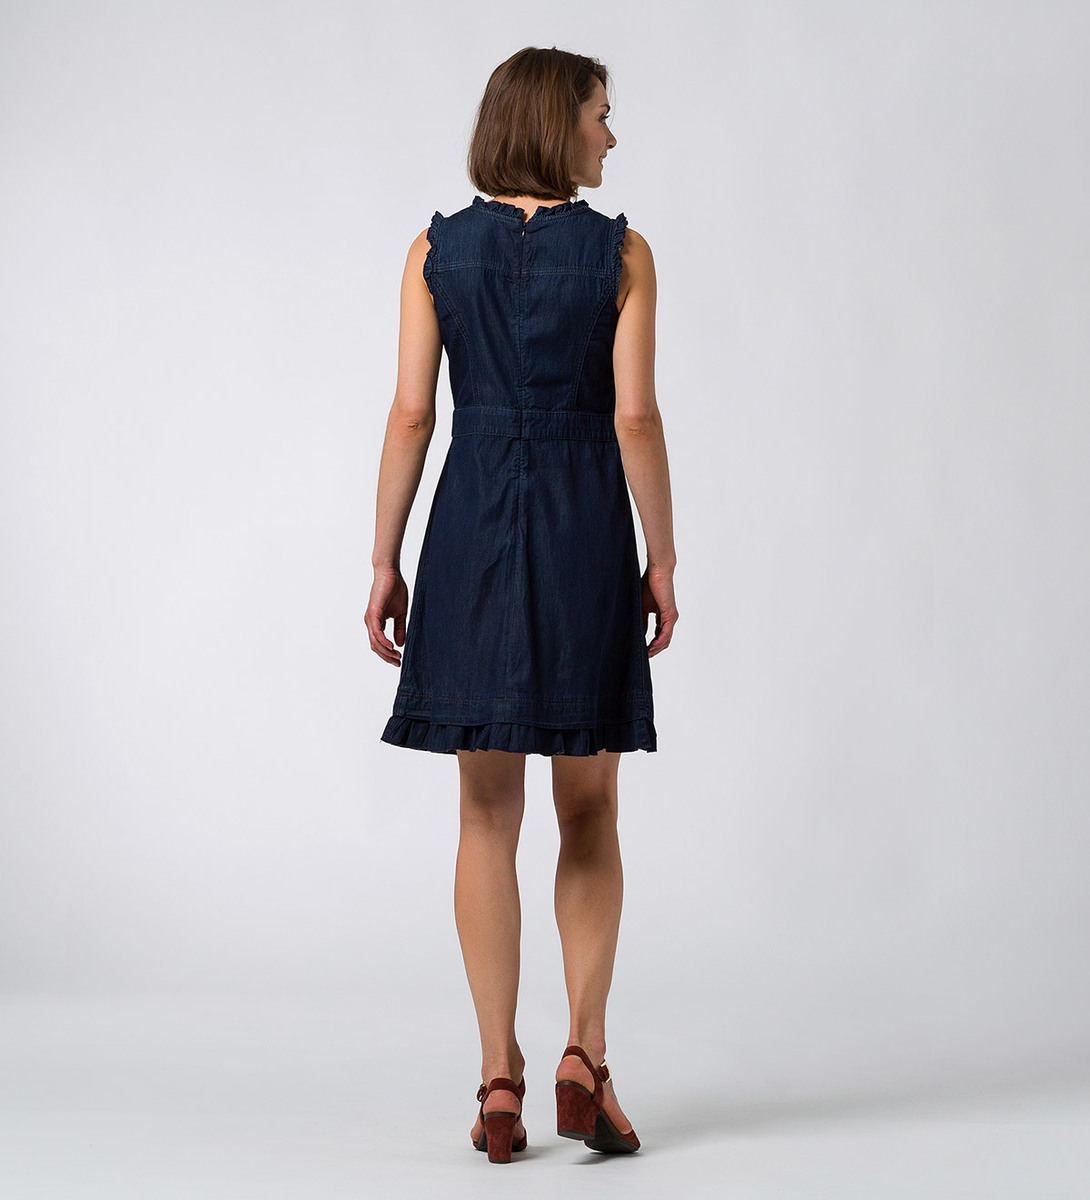 Jeanskleid mit Rüschenkanten in clean cotton wash